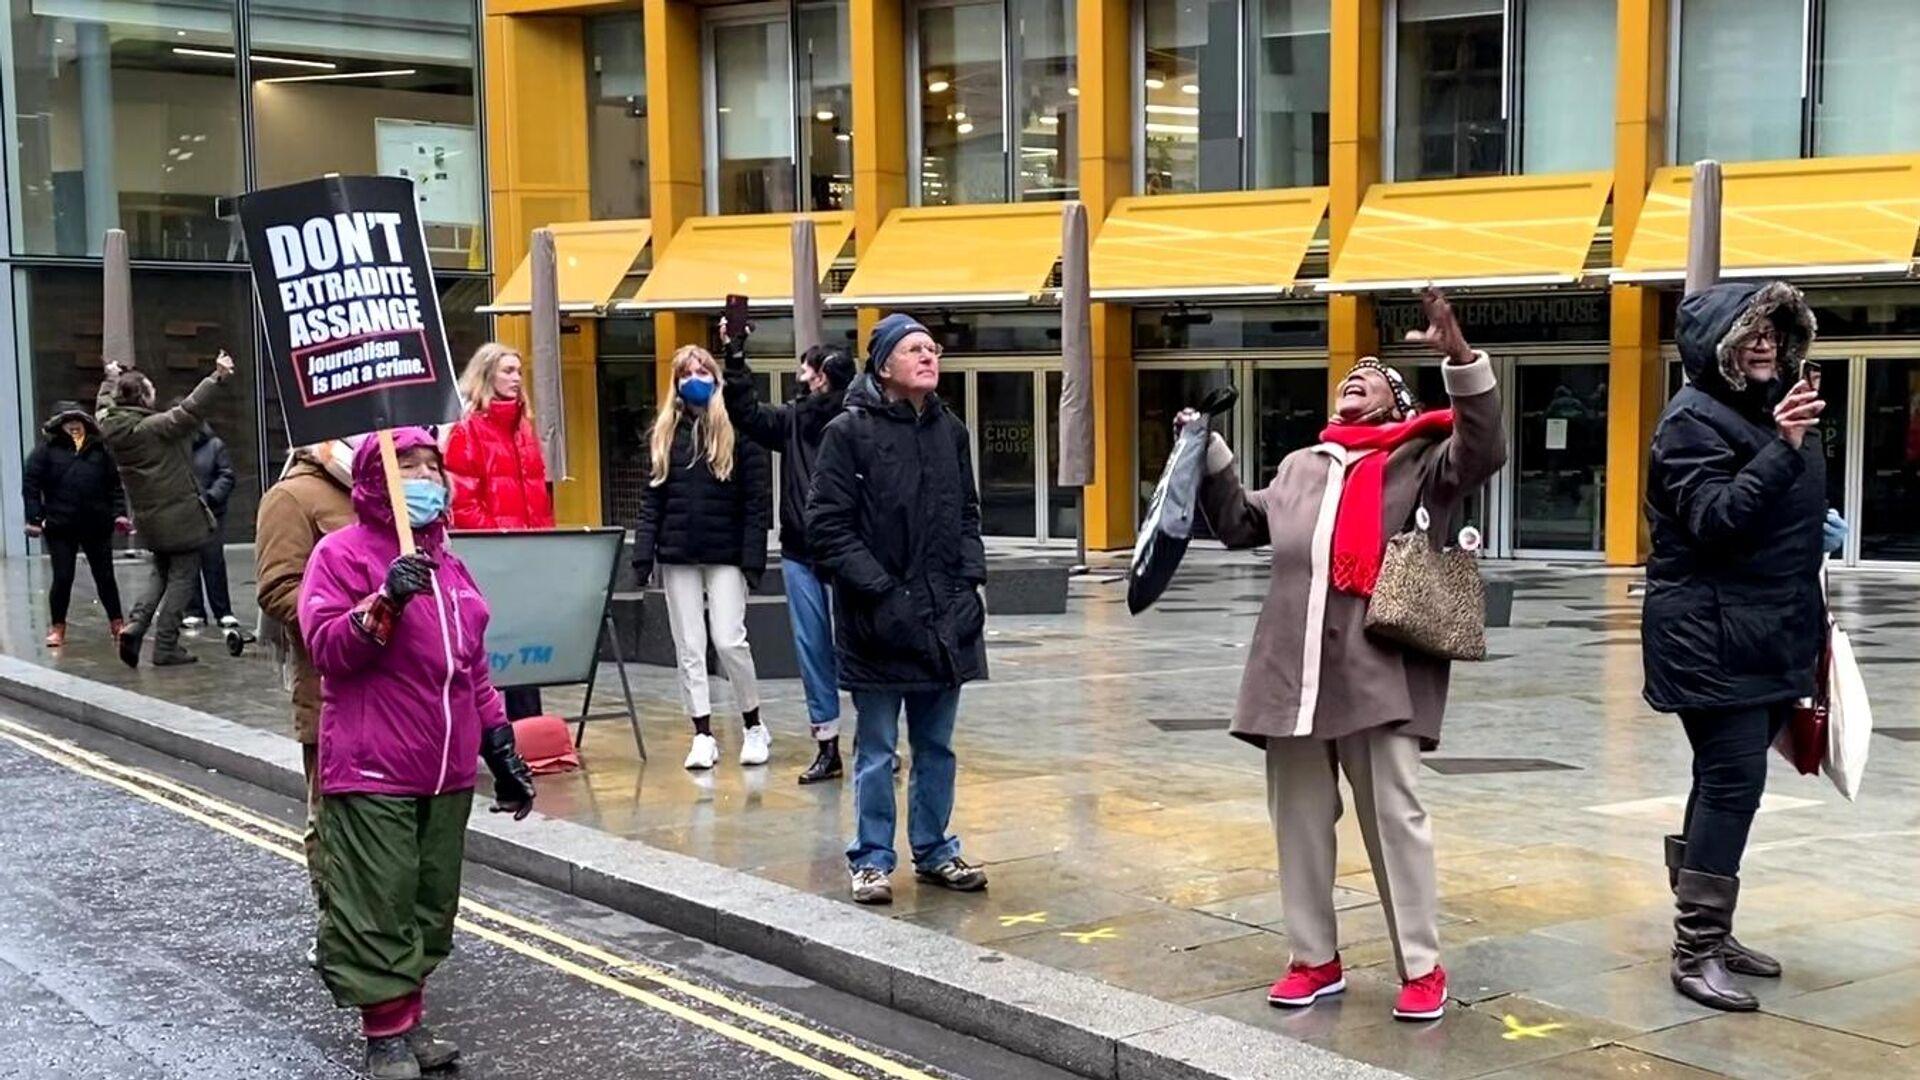 Сторонники Джулиана Ассанжа возле здания суда в Лондоне, где рассматривается дело об его экстрадиции в США - РИА Новости, 1920, 06.01.2021